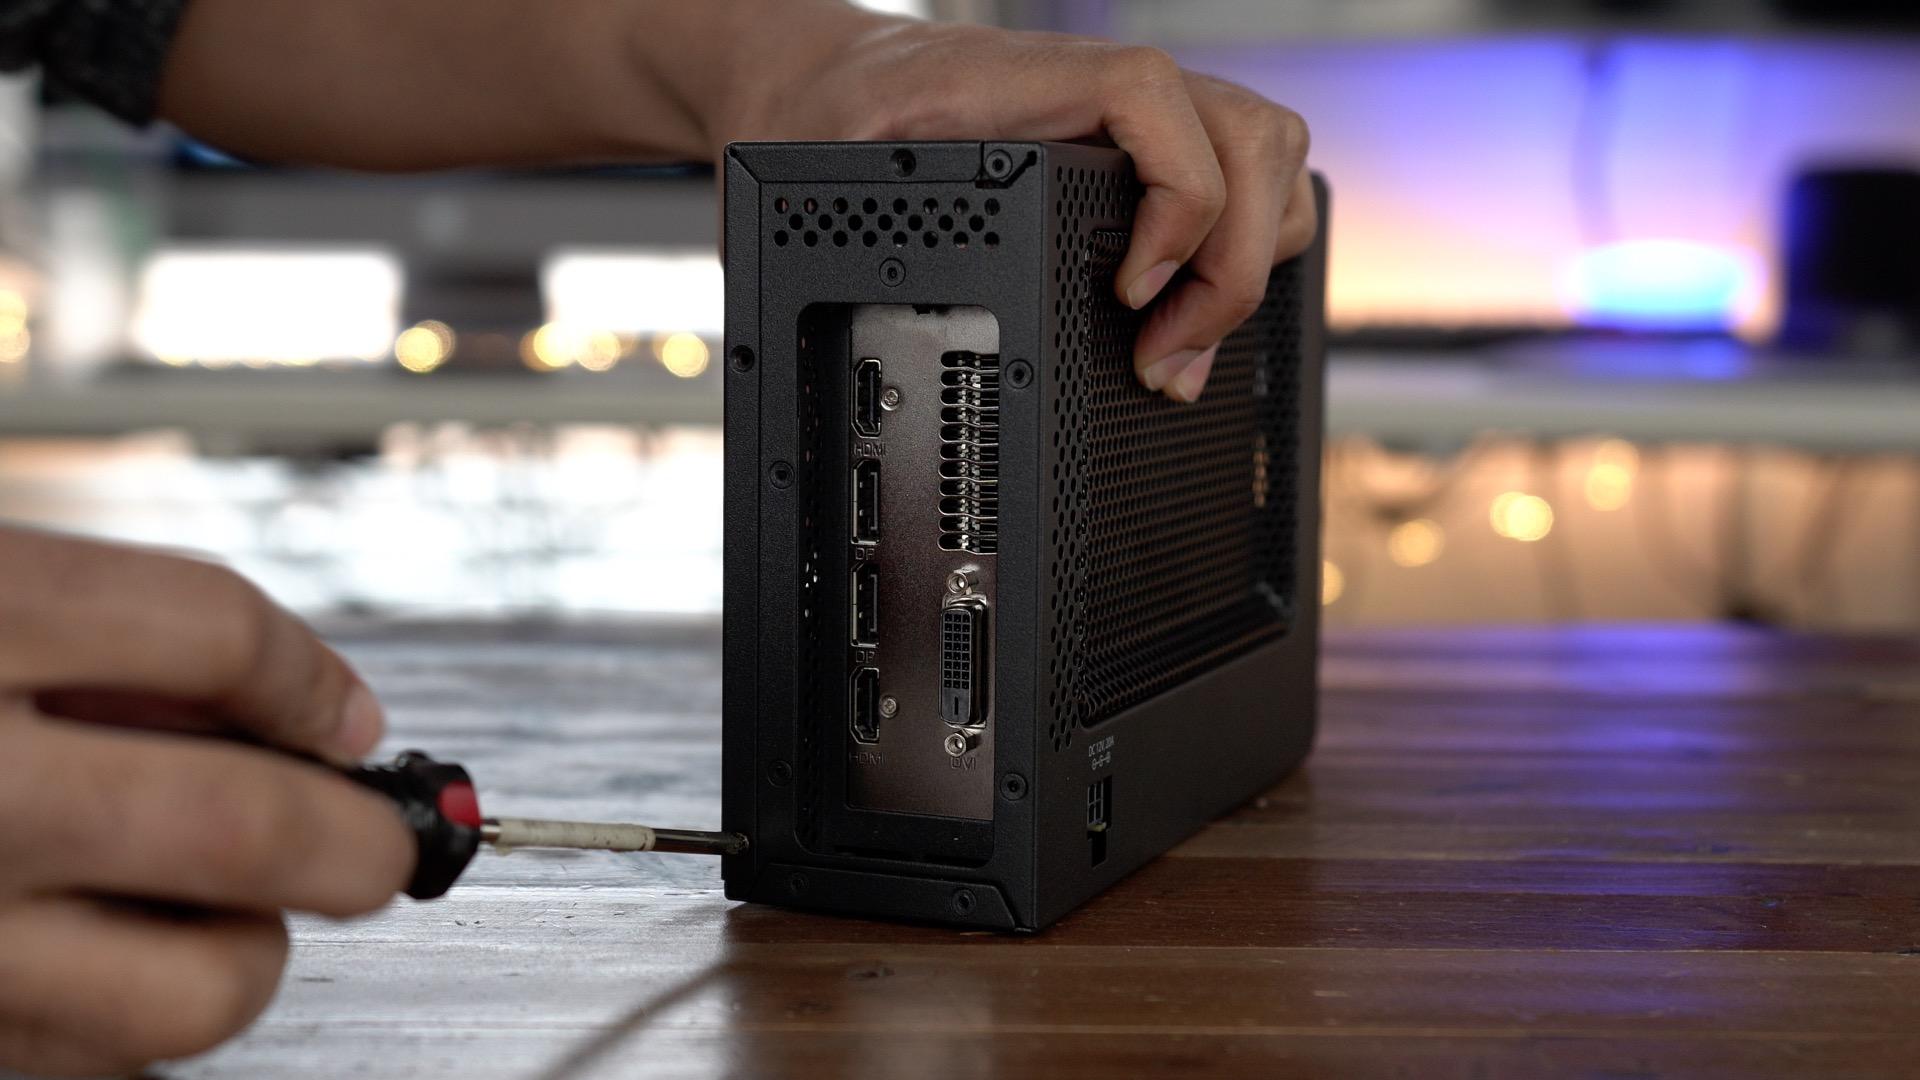 PowerColor Mini Pro eGPU RX 570 Screws